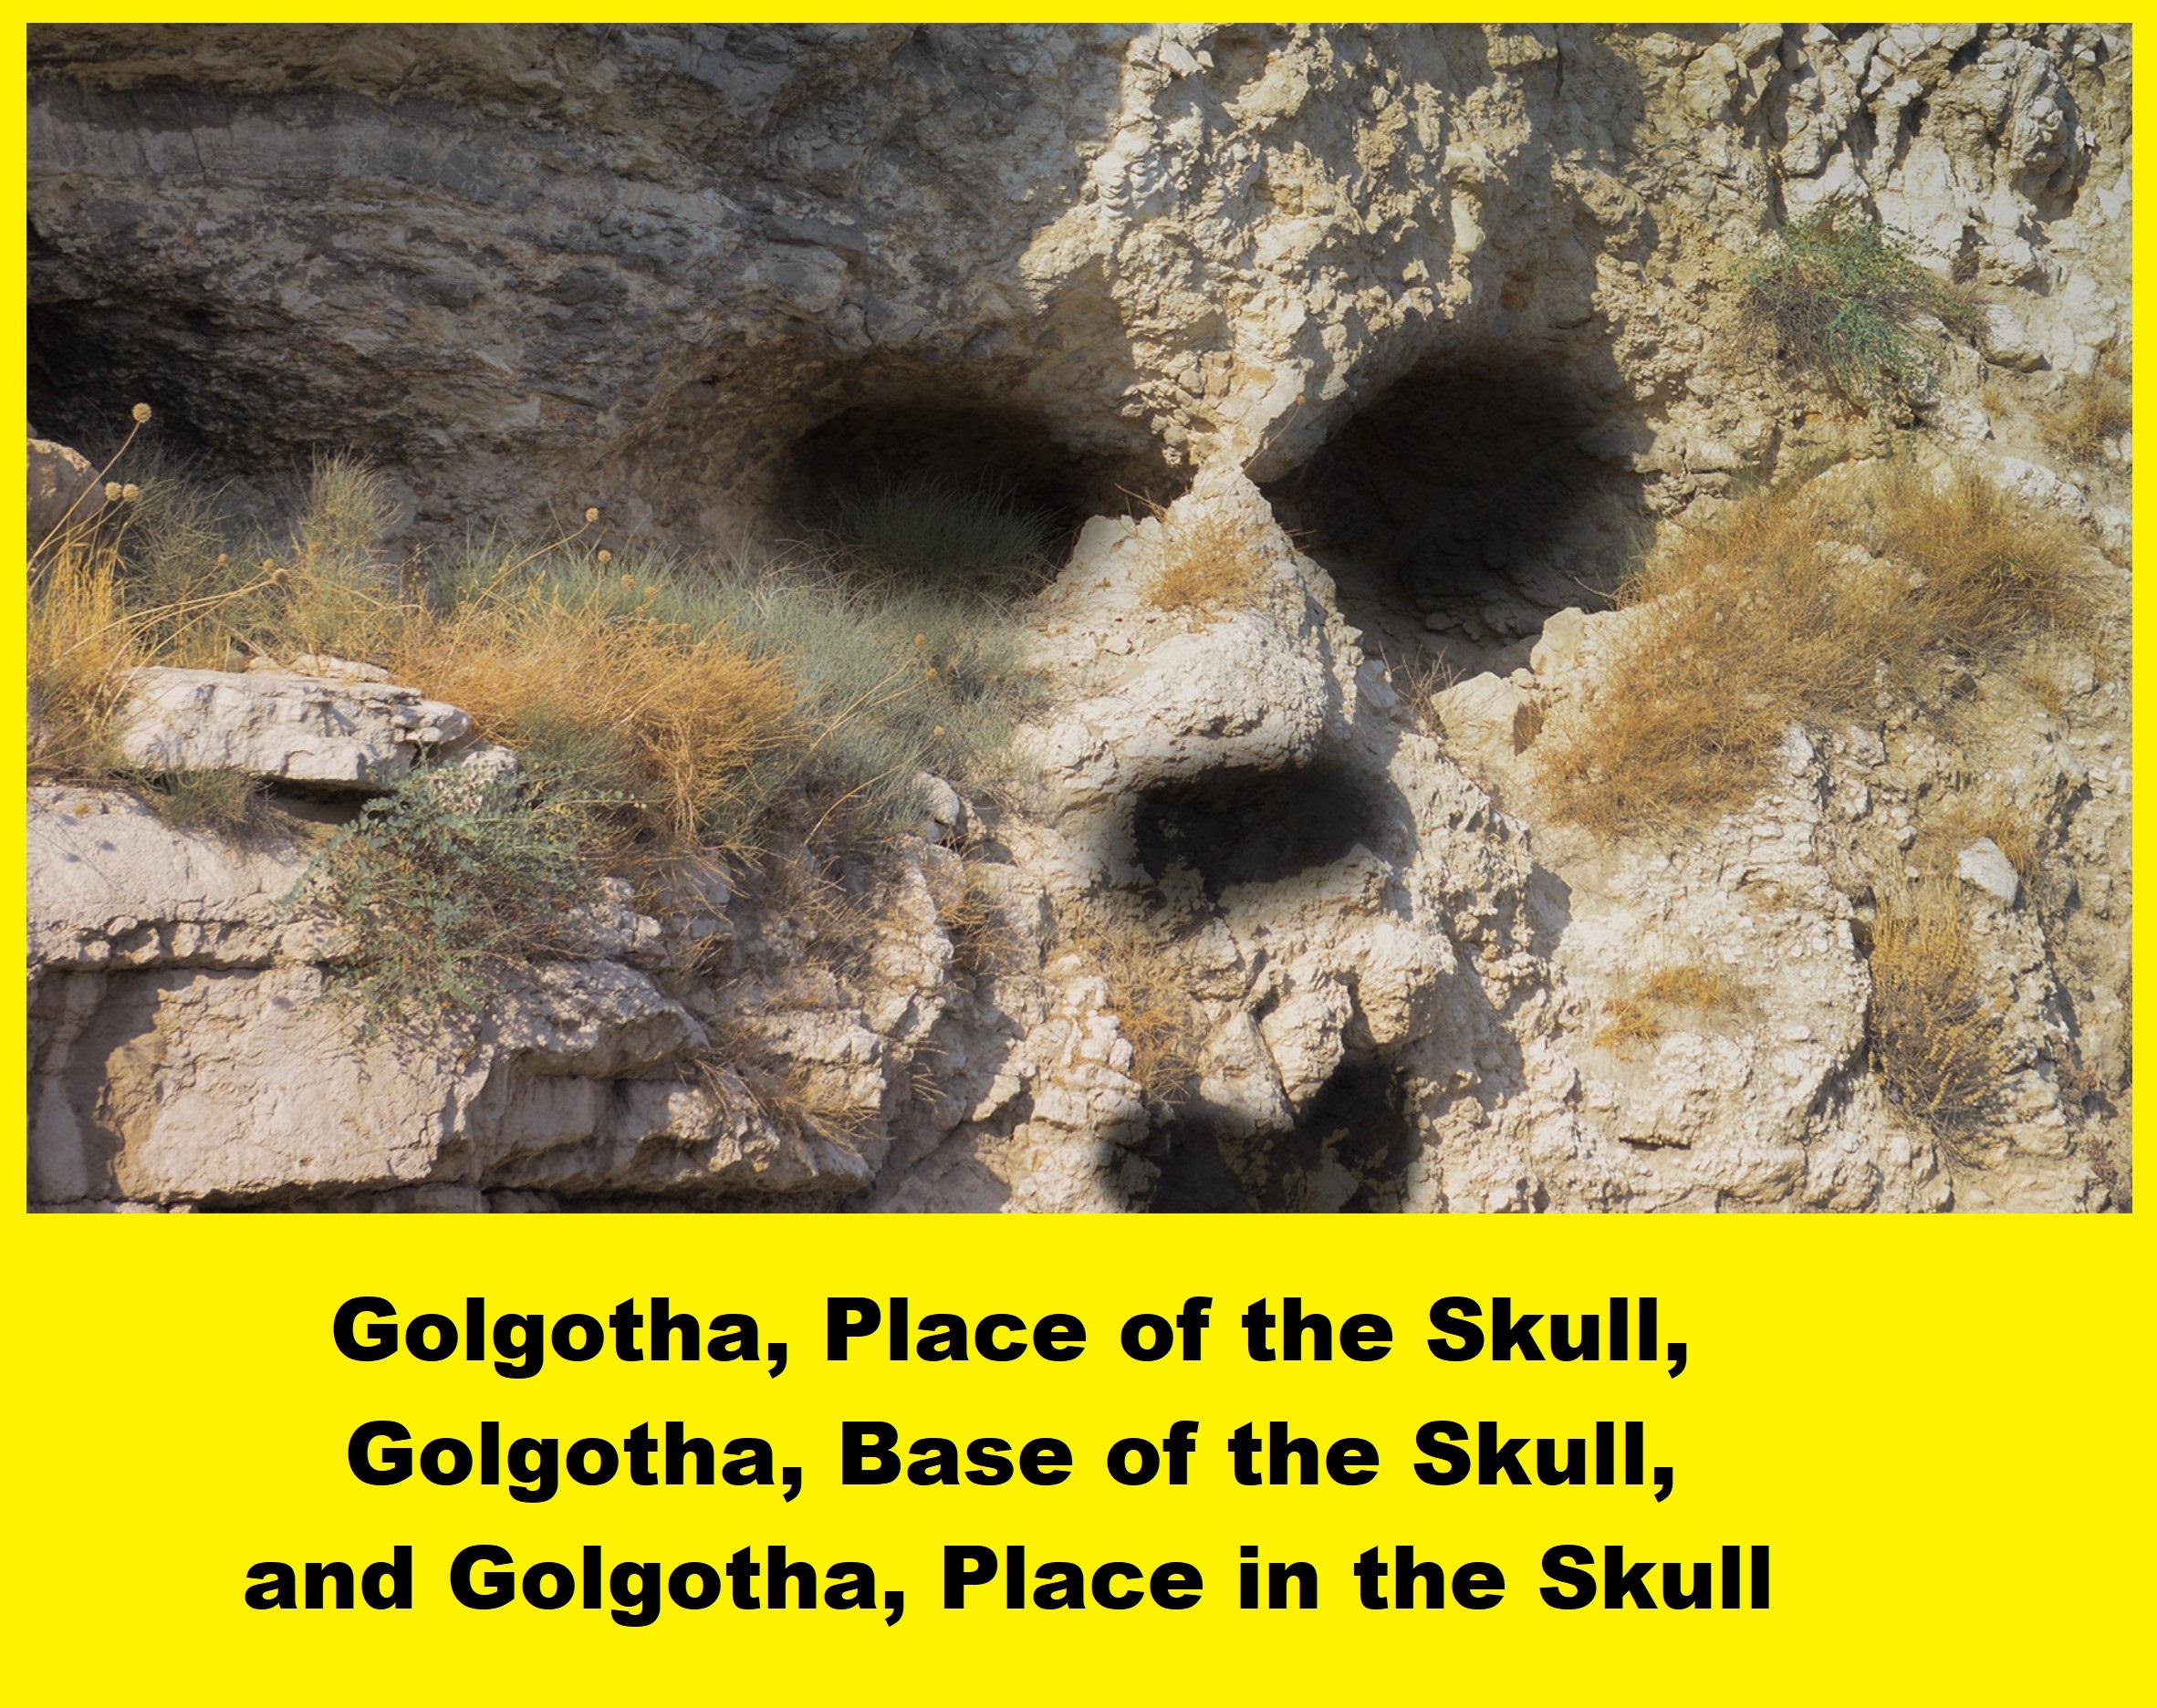 Golgotha Image